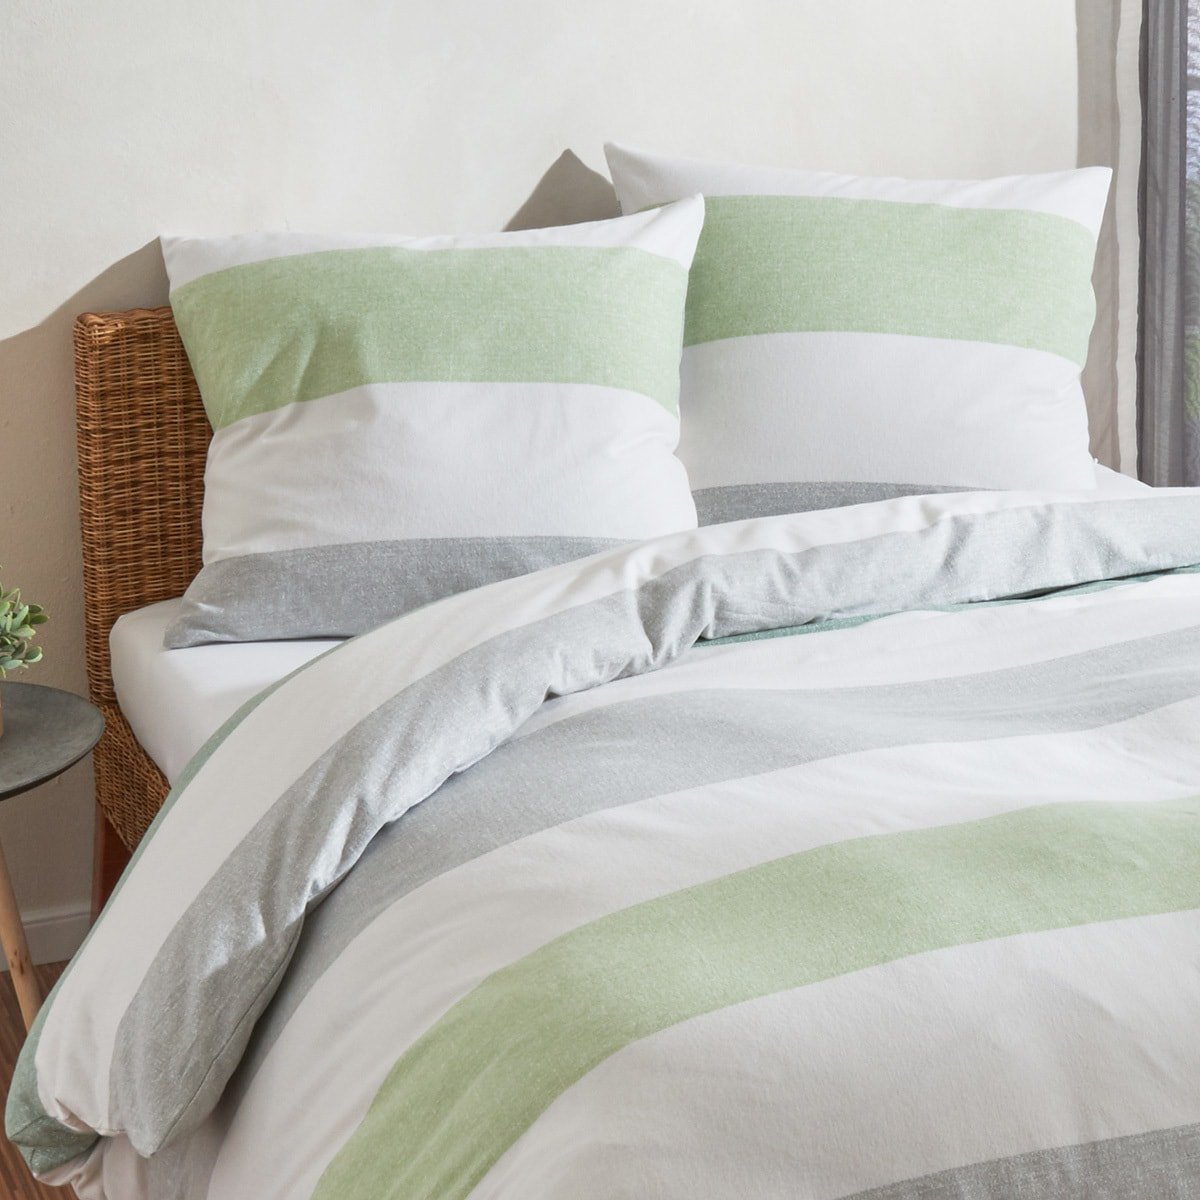 traumschlaf biber bettw sche streifen gr n g nstig online. Black Bedroom Furniture Sets. Home Design Ideas